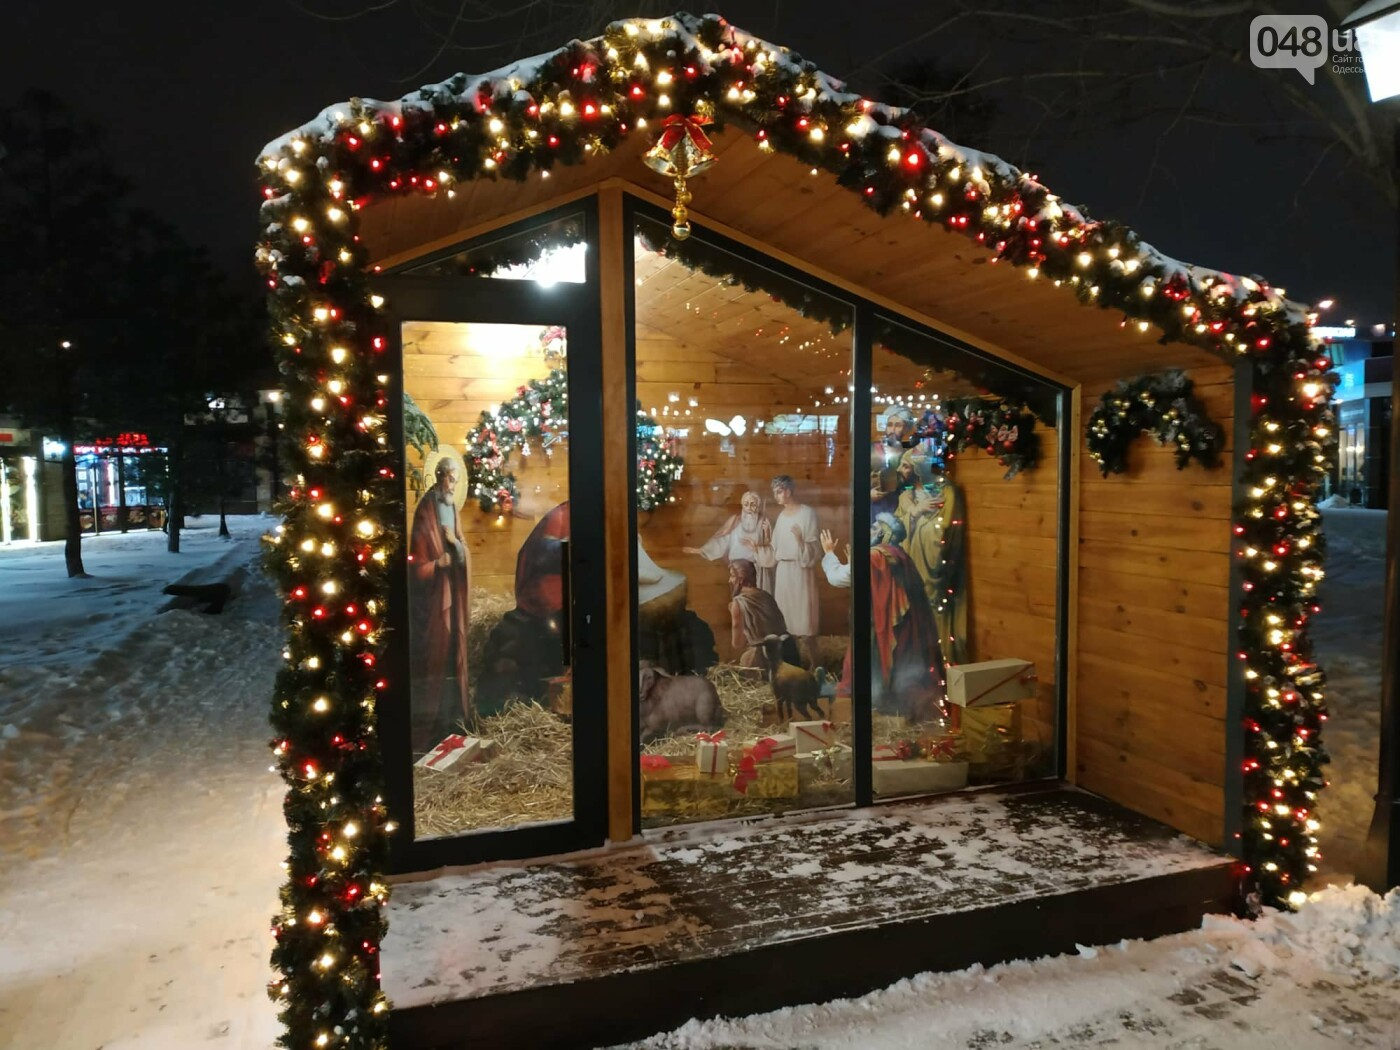 Вместо одесской резиденции Санта Клауса появился Вертеп и самовар на 100 литров, - ФОТО, фото-6